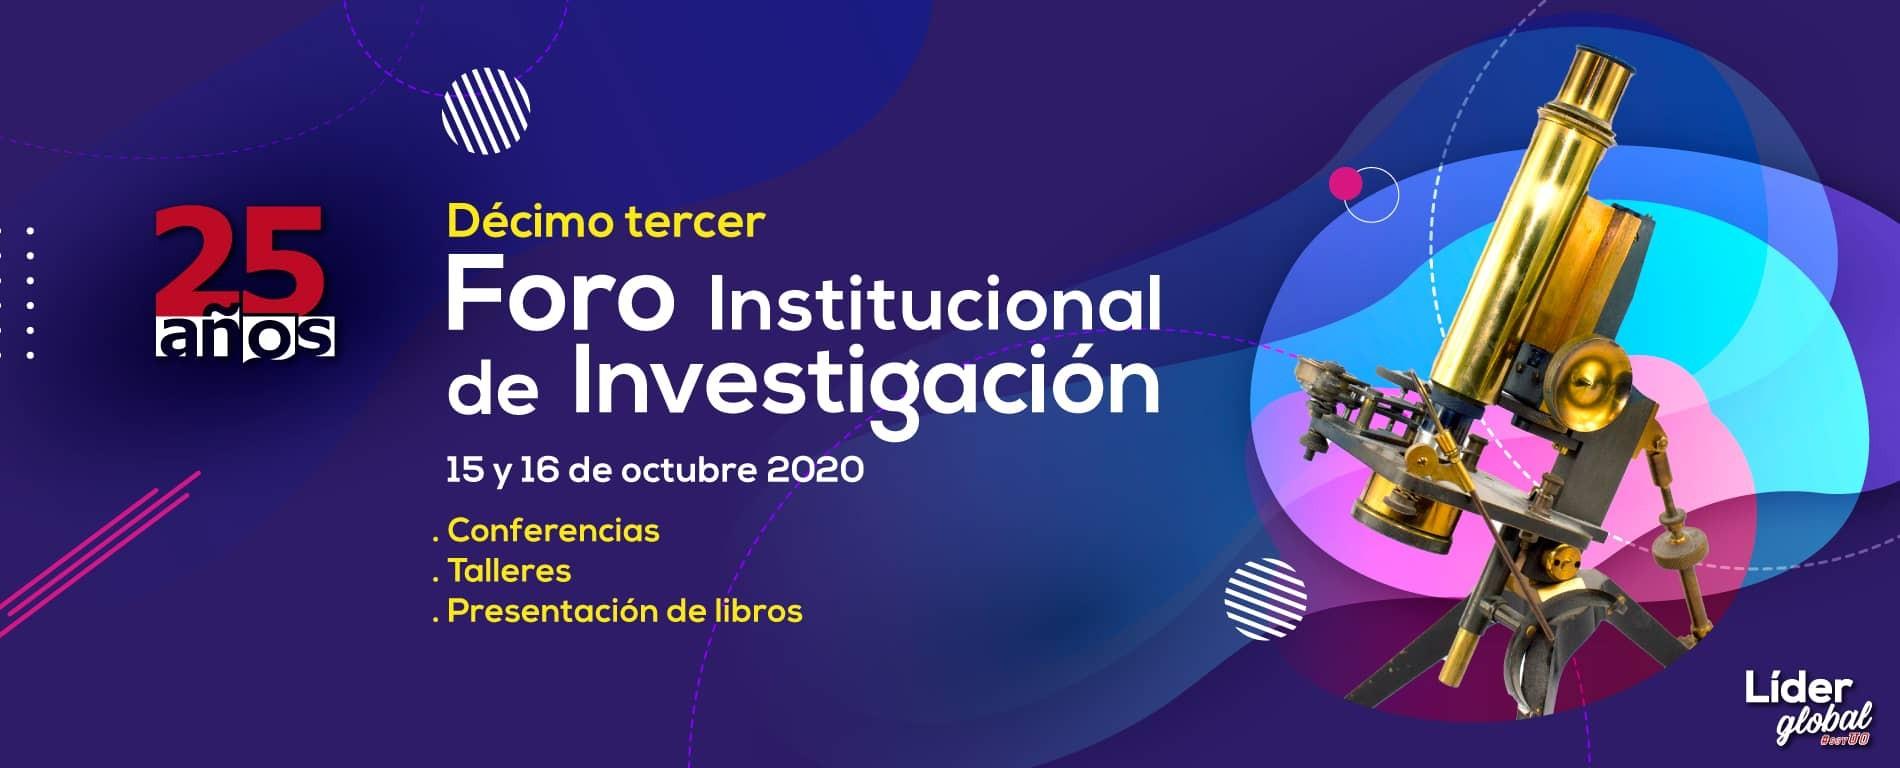 foro institucional de investigacion slider